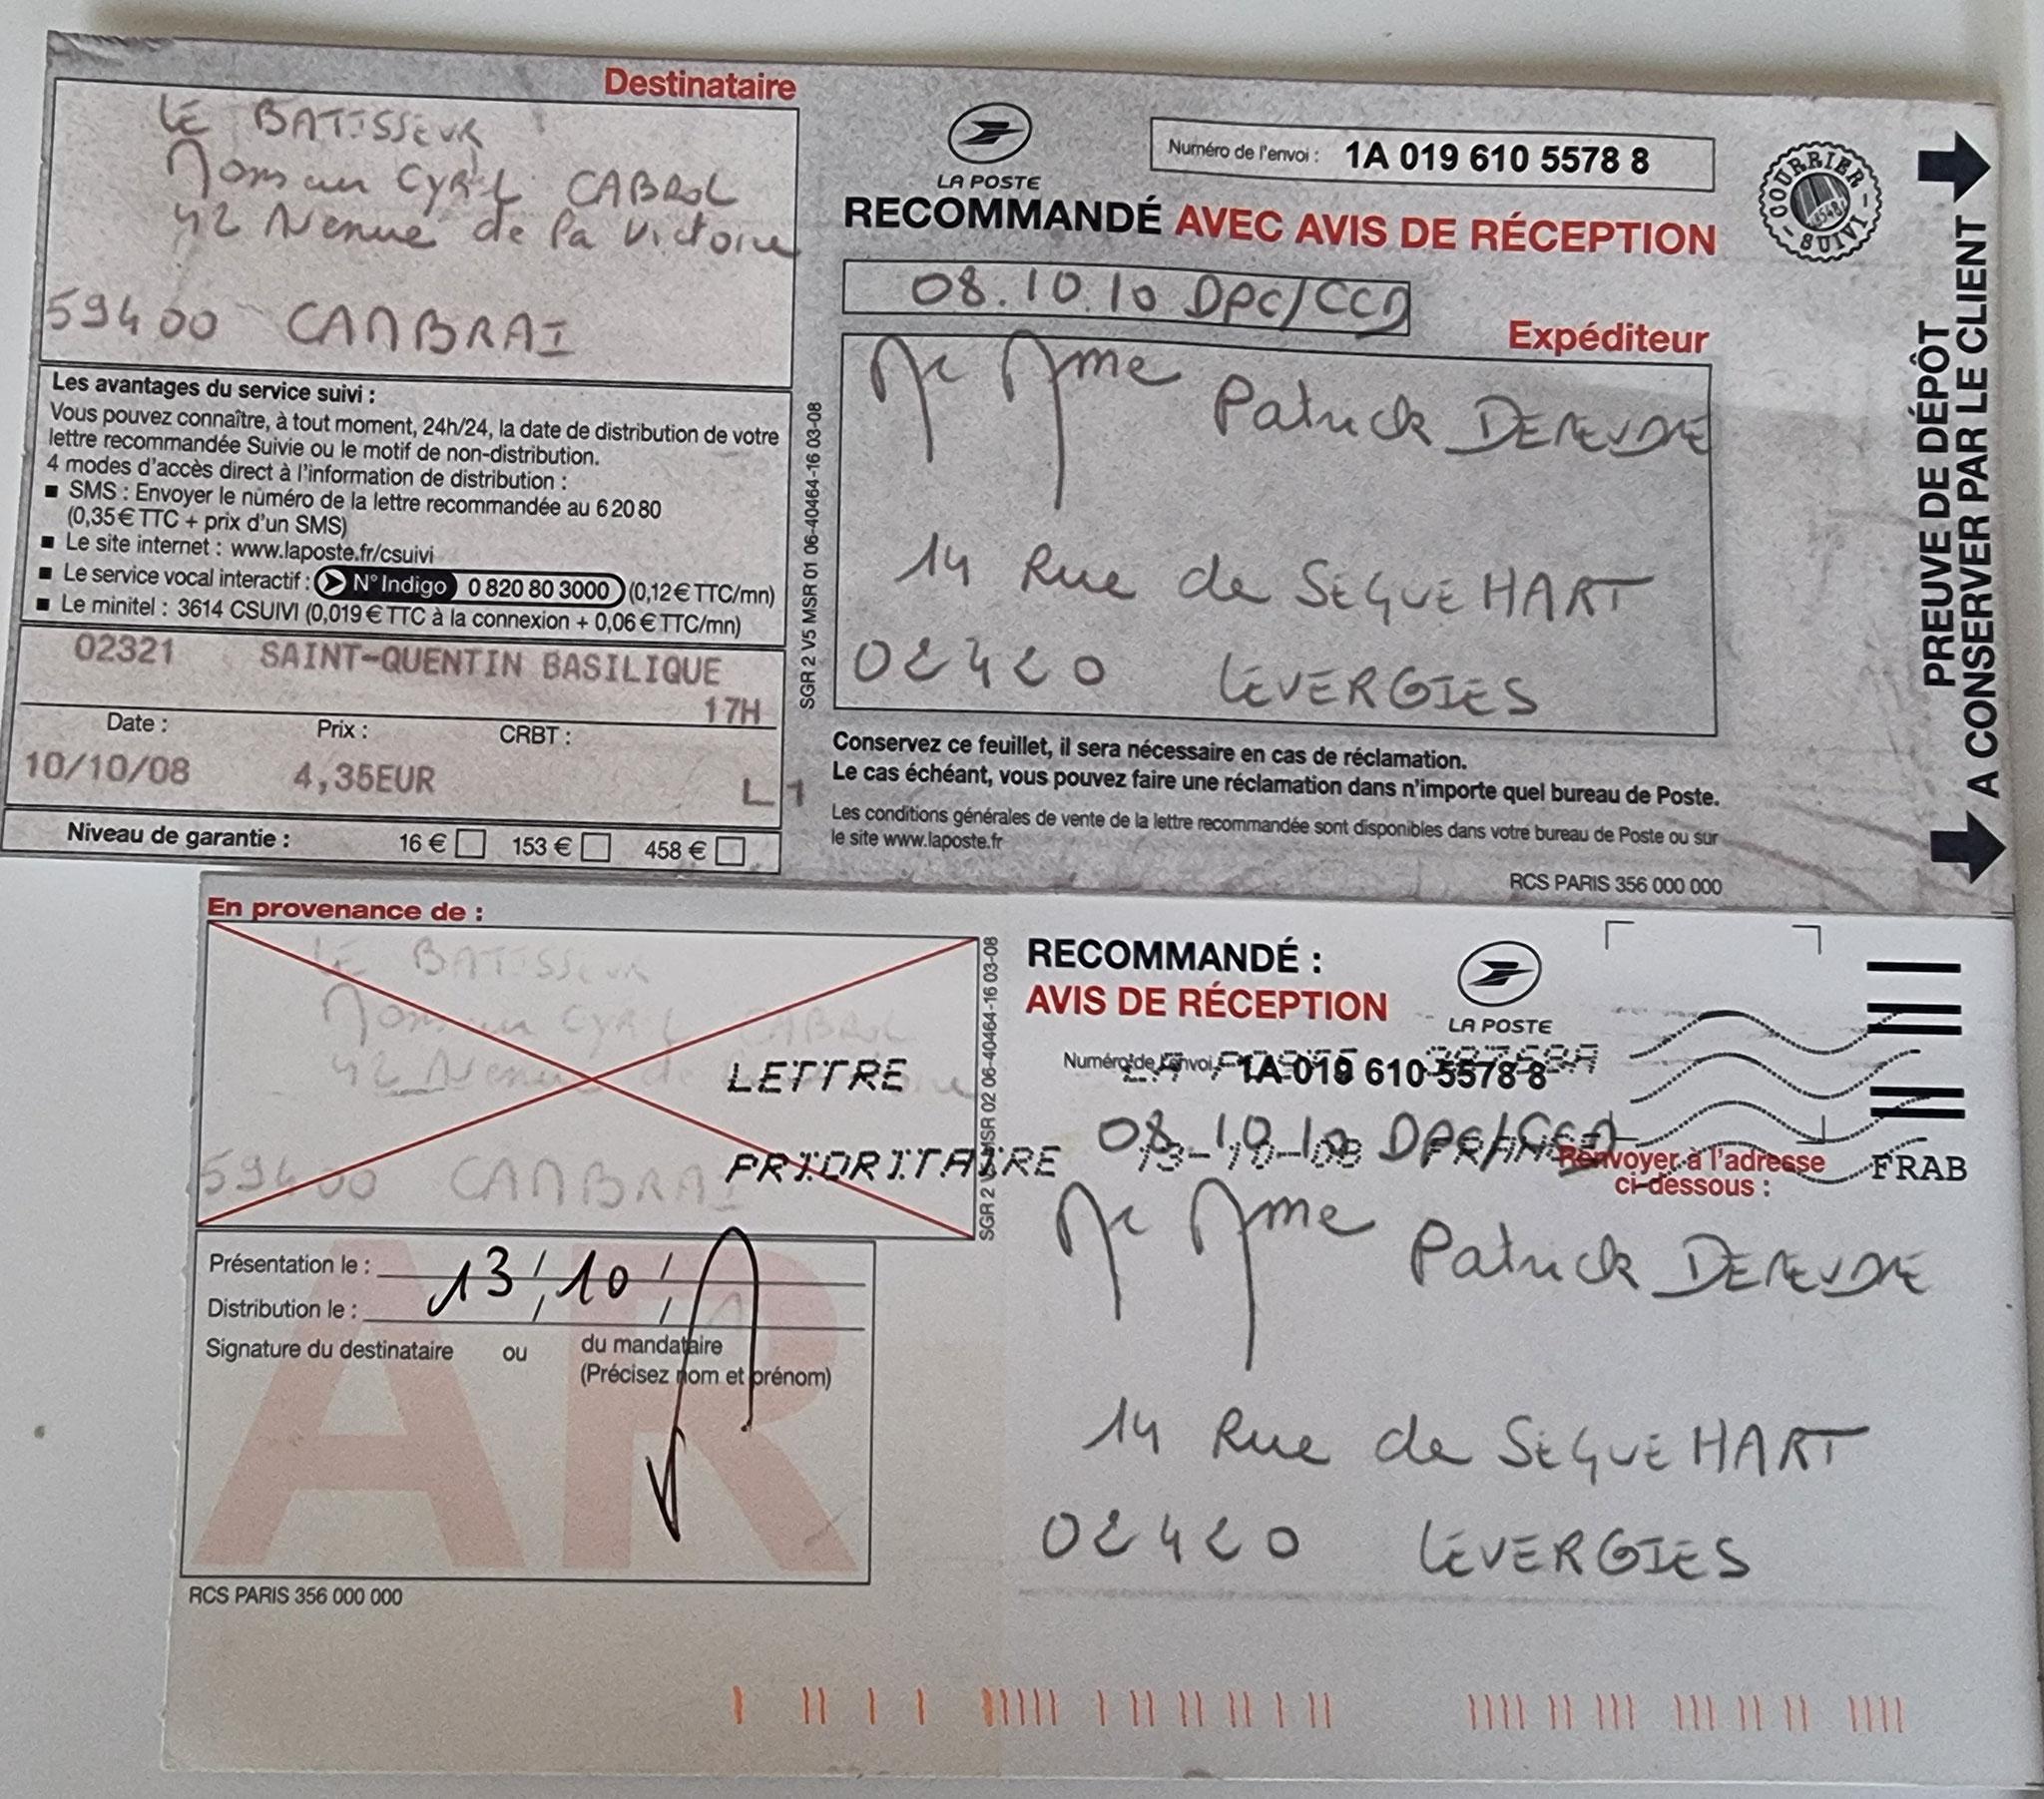 En date du 10 Octobre 2008, j'adresse une LRAR à Monsieur Cyril CABROL le Directeur de notre constructeur LE BATISSEUR à CAMBRAI entreprise aujourd'hui en faillite www.jenesuispasunchien.fr www.jesuispatrick.fr www.jesuisvictime.fr